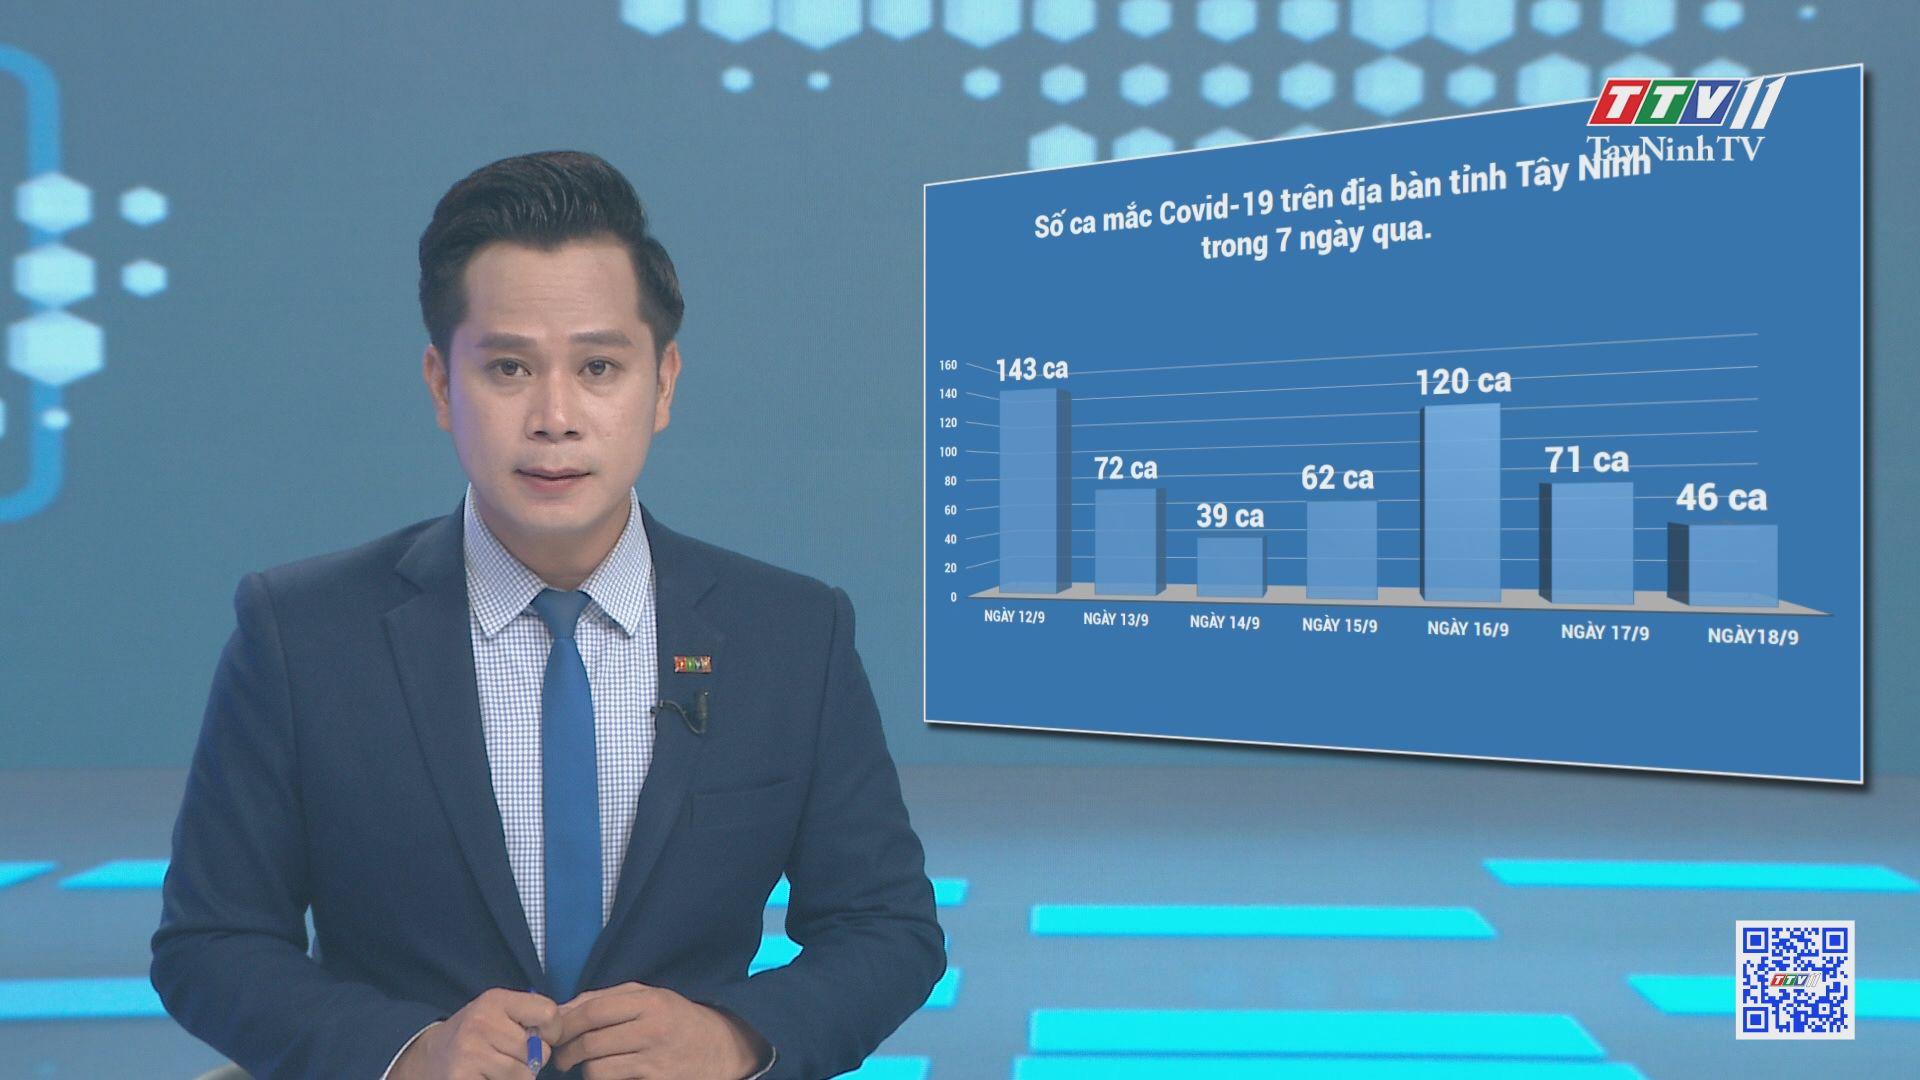 Phân tích tình hình dịch Covid-19 tuần qua (từ 12/9 đến 18/9/2021) | TayNinhTV